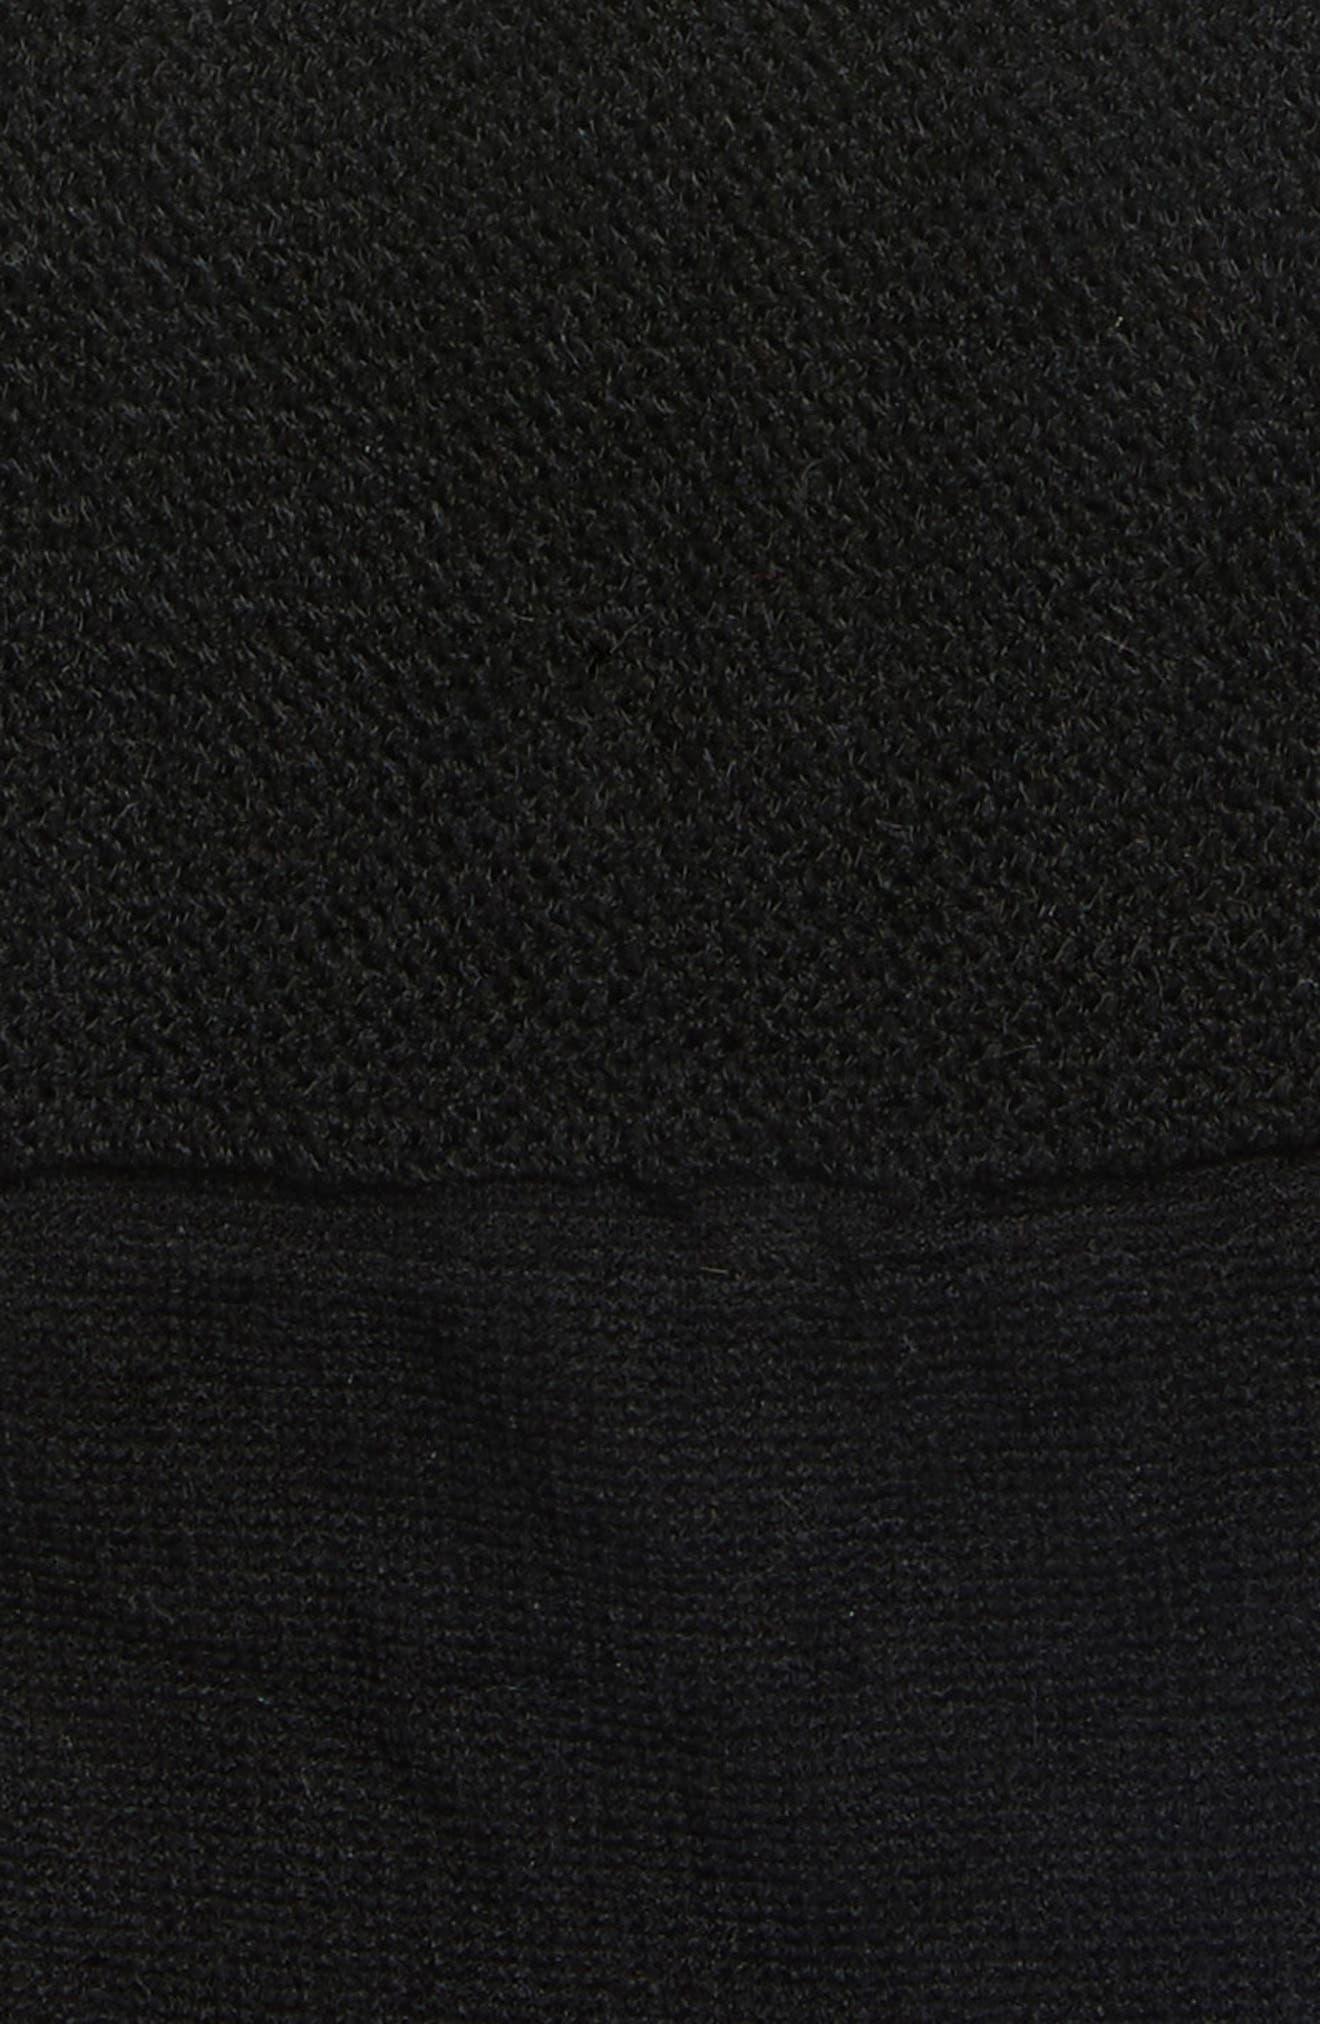 Pattern Trouser Socks,                             Alternate thumbnail 10, color,